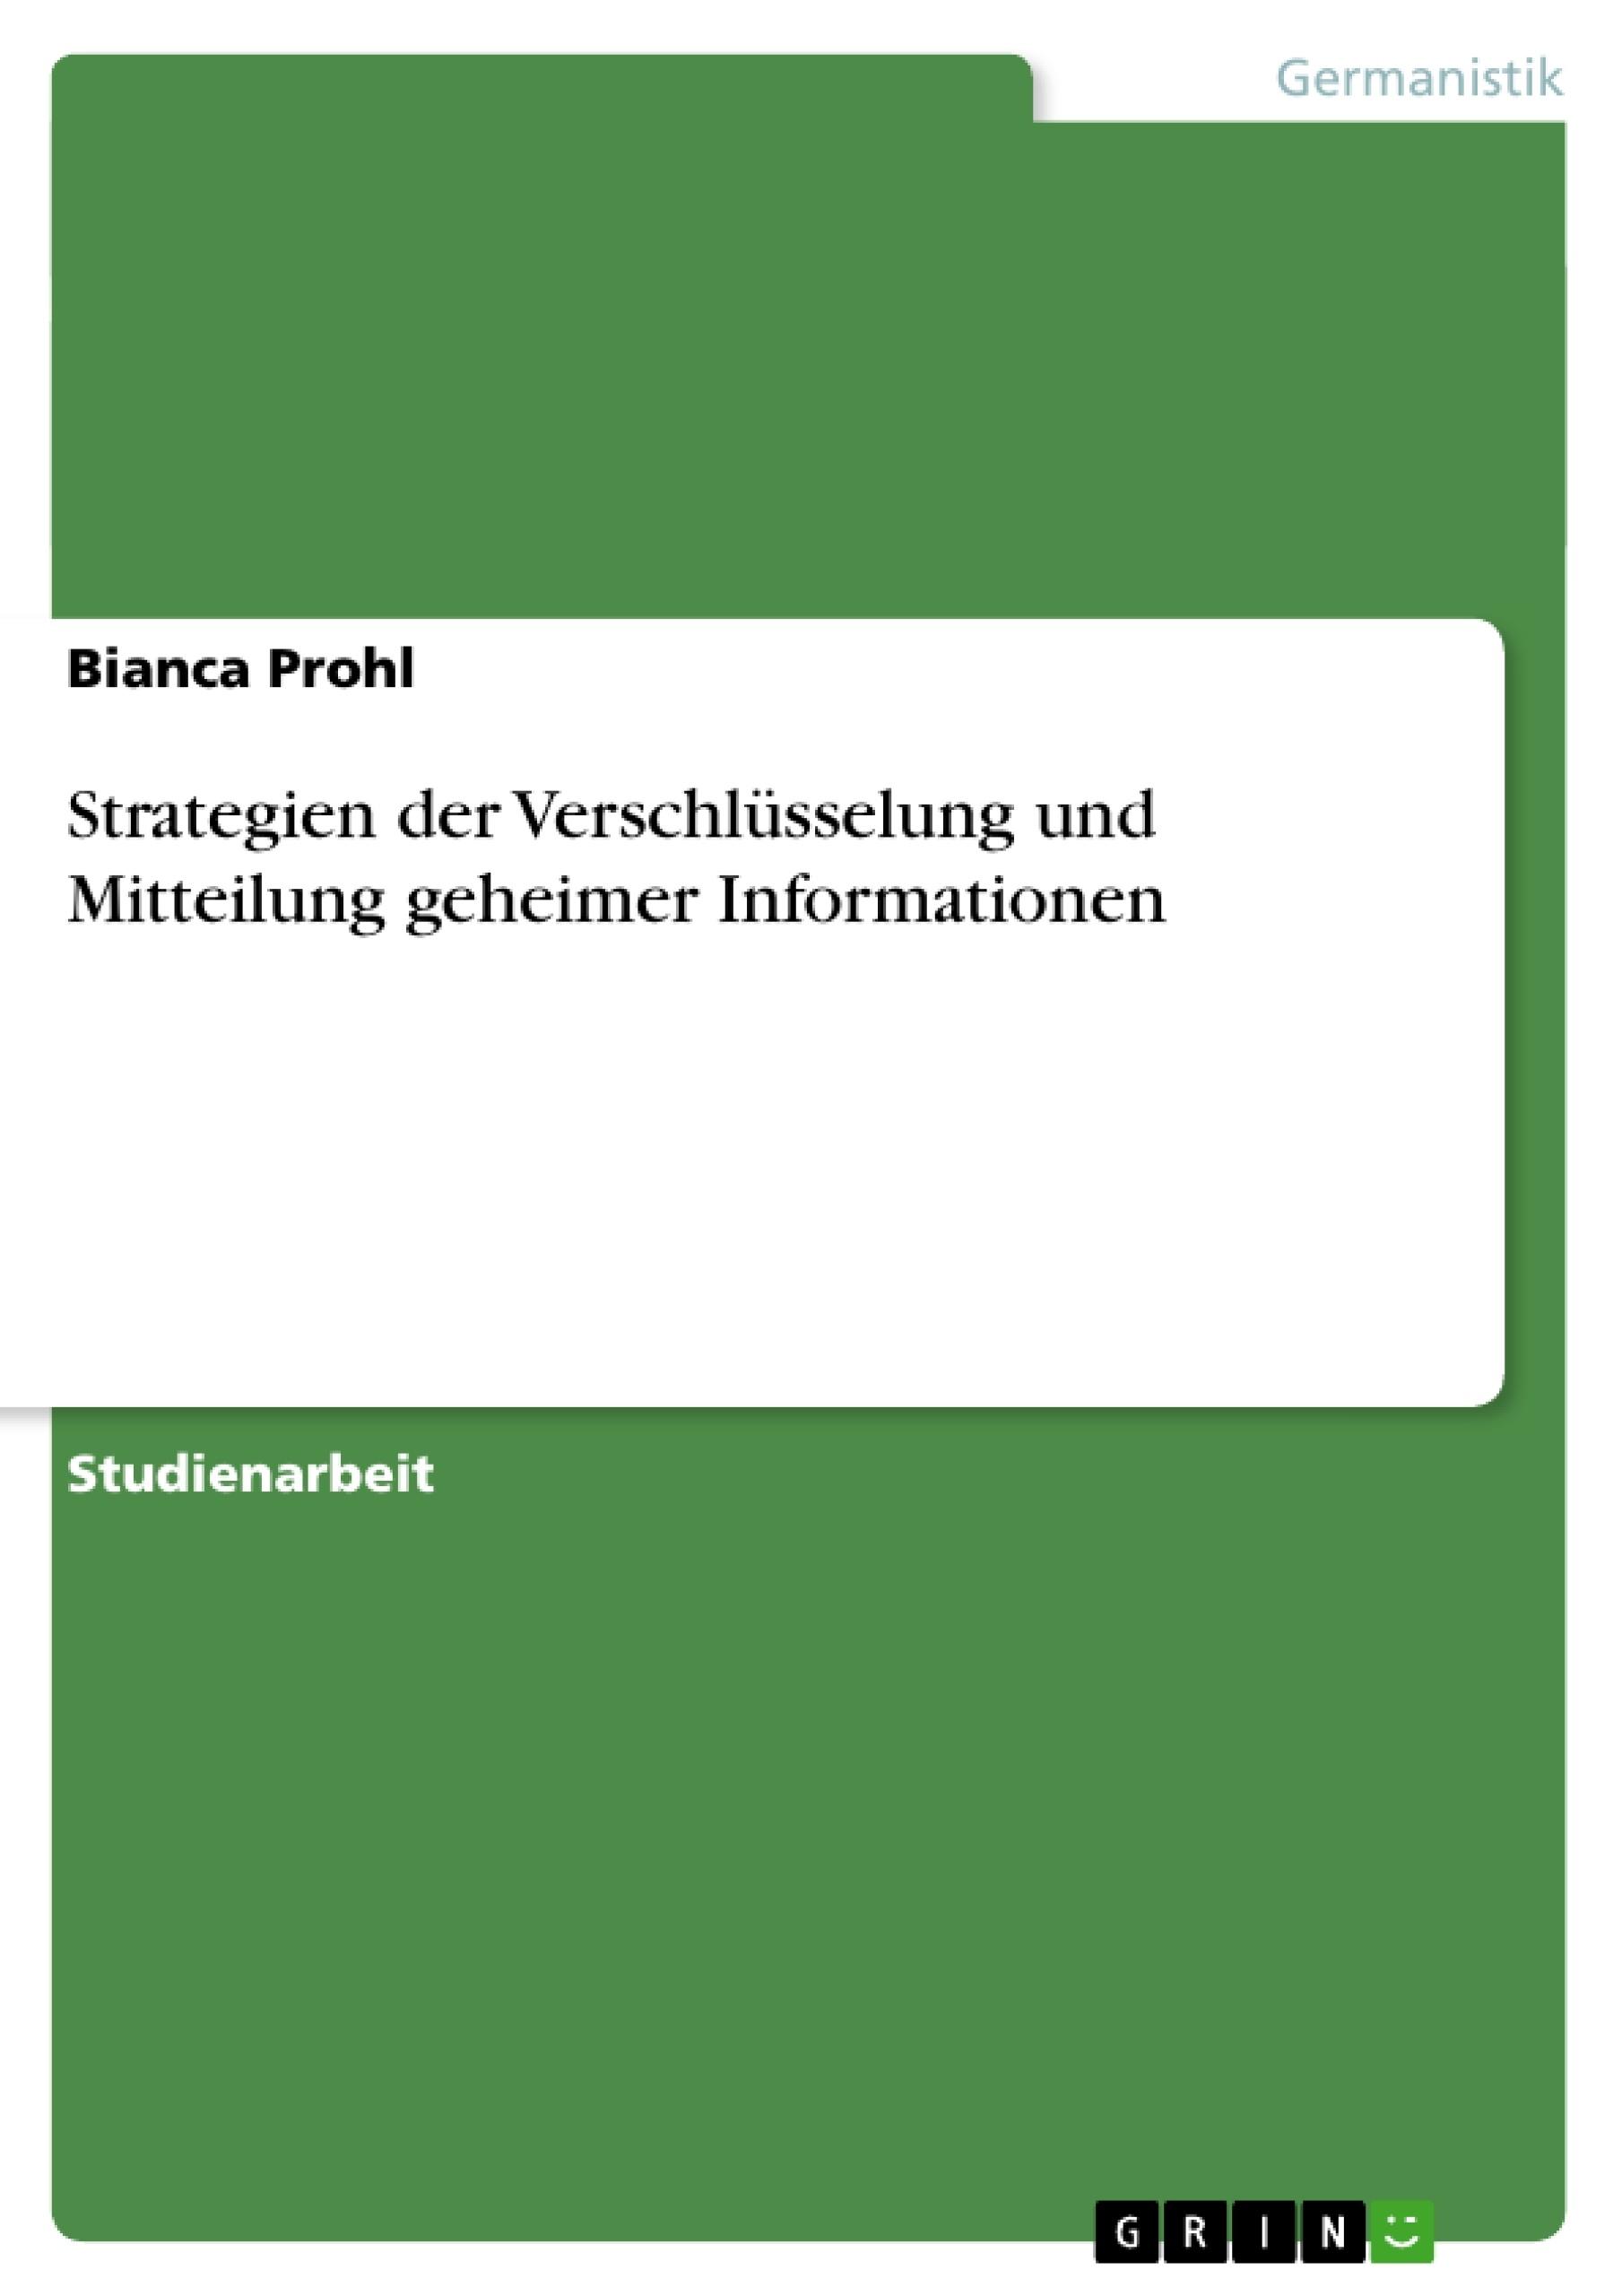 Titel: Strategien der Verschlüsselung und Mitteilung geheimer Informationen